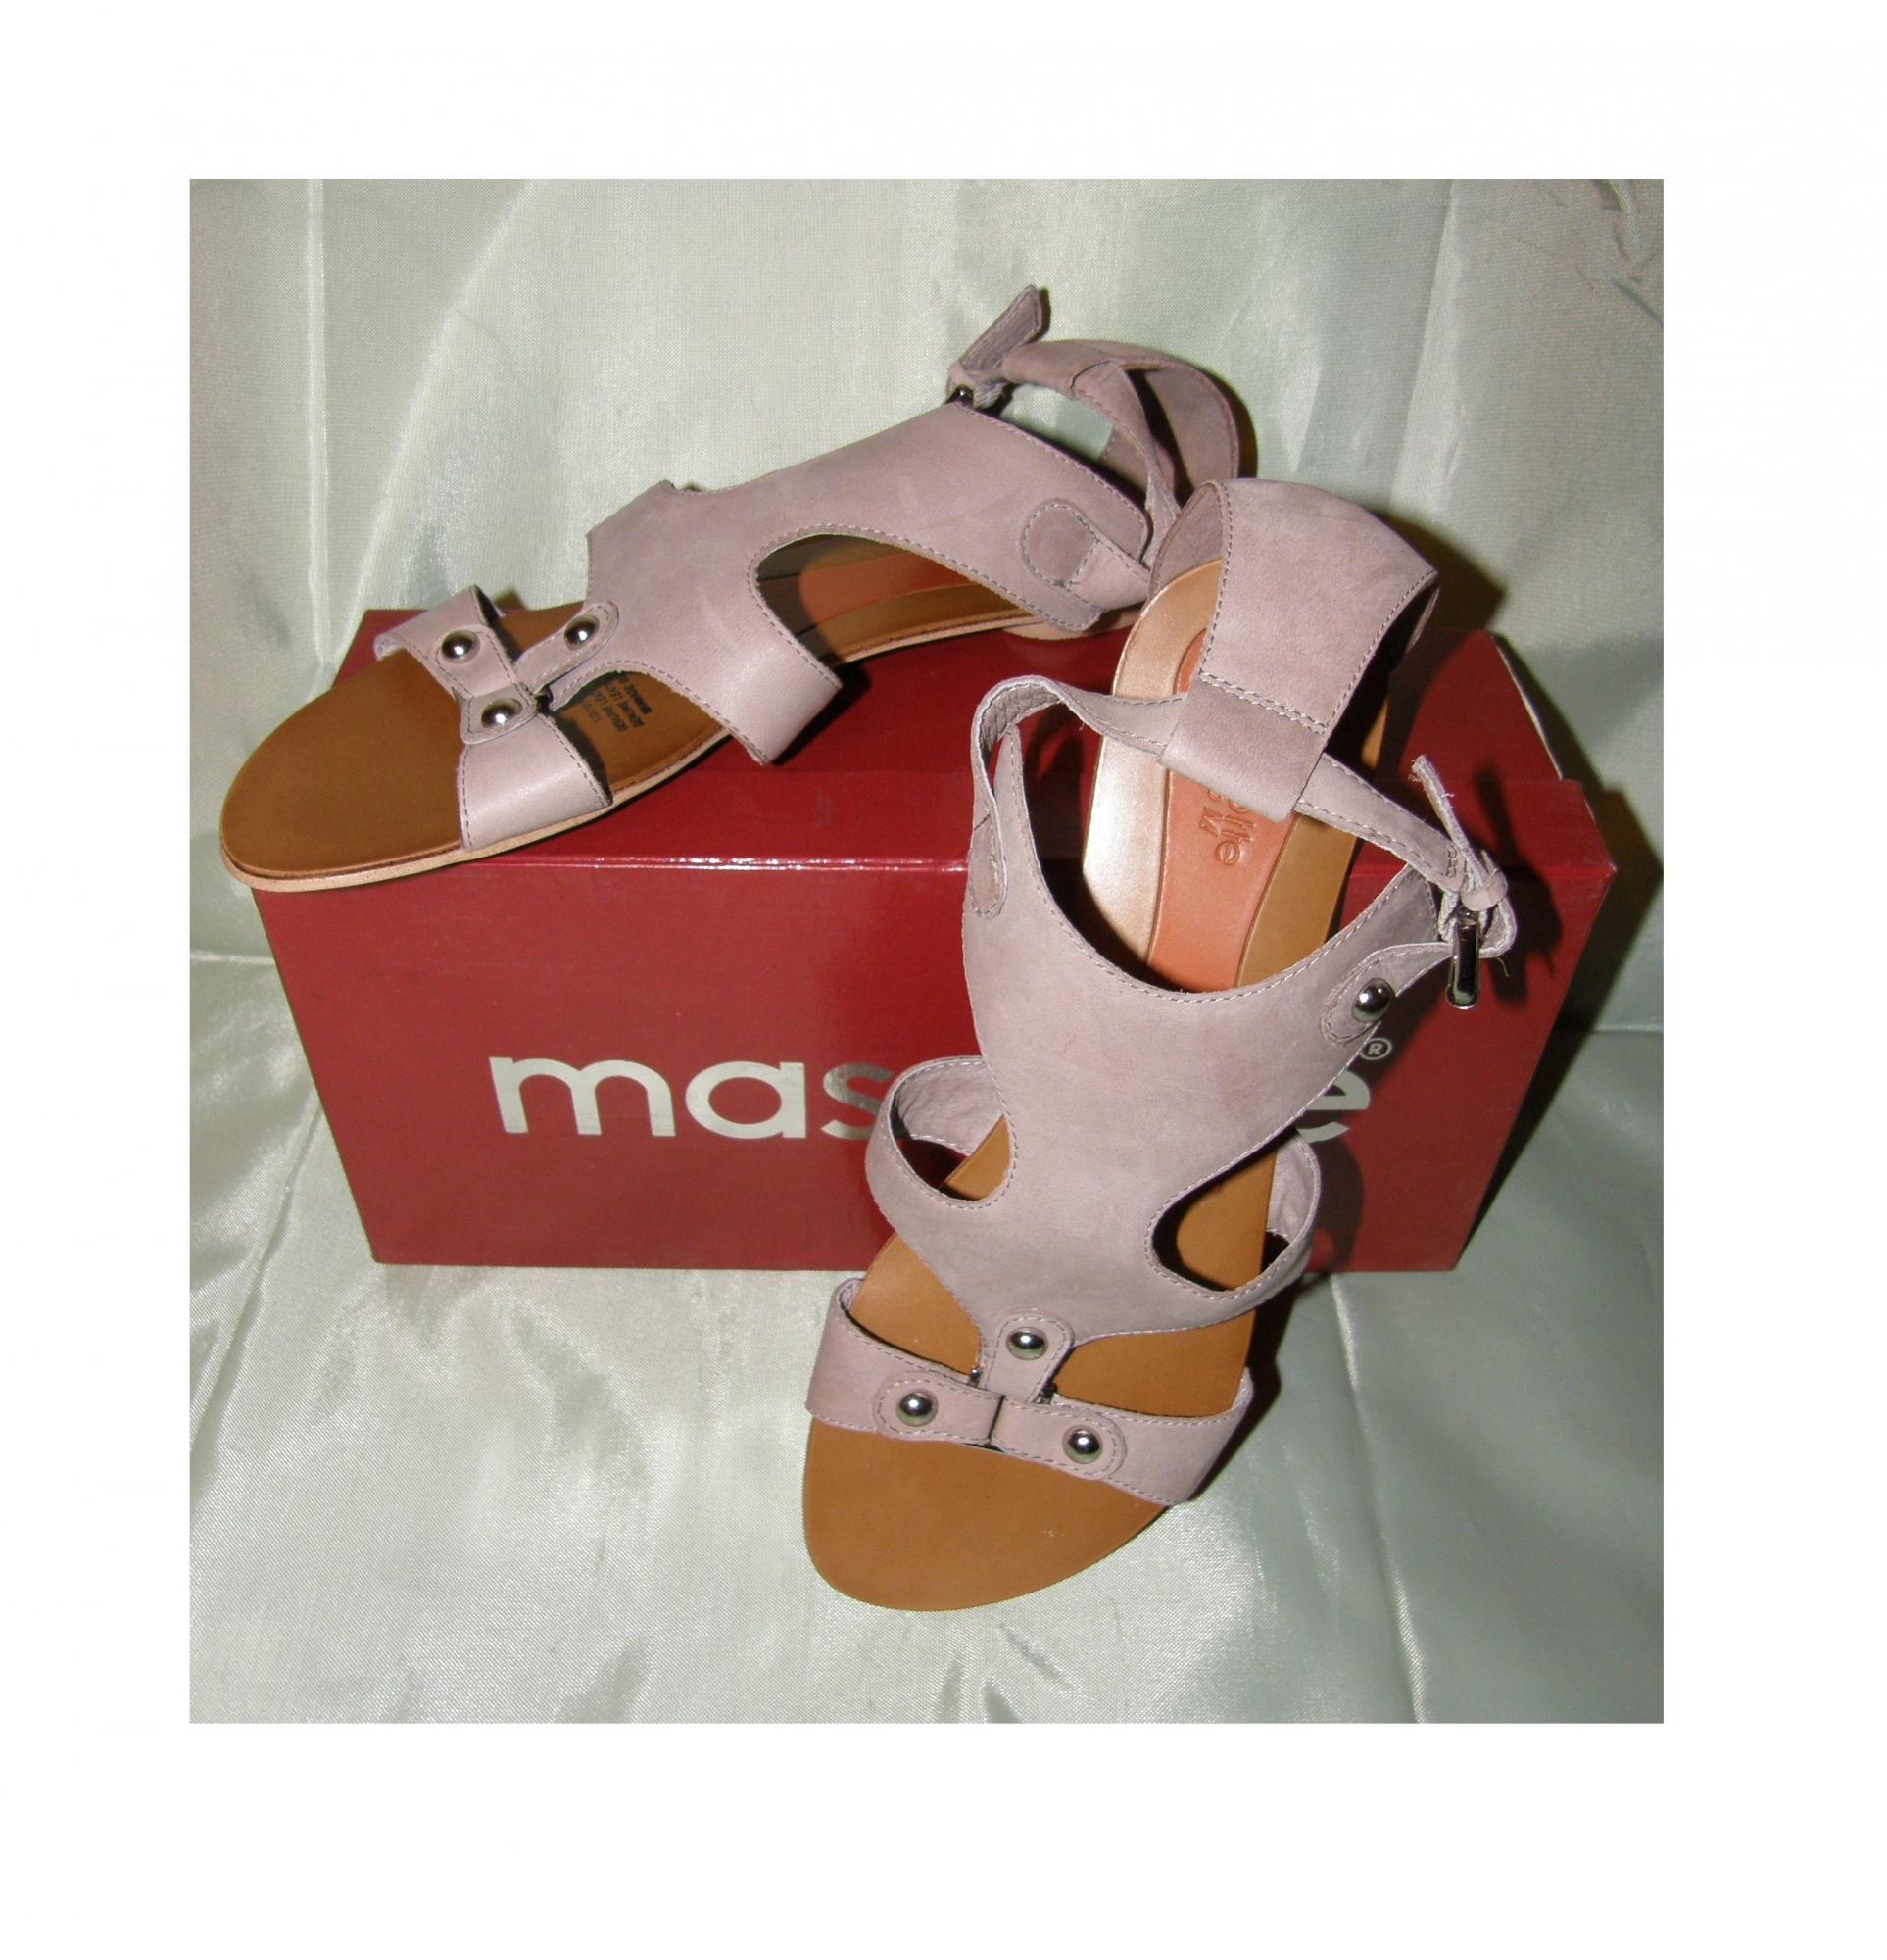 Новые Mascotte р38-39 сандалии босоножки нат. кожа в Москве купить 1